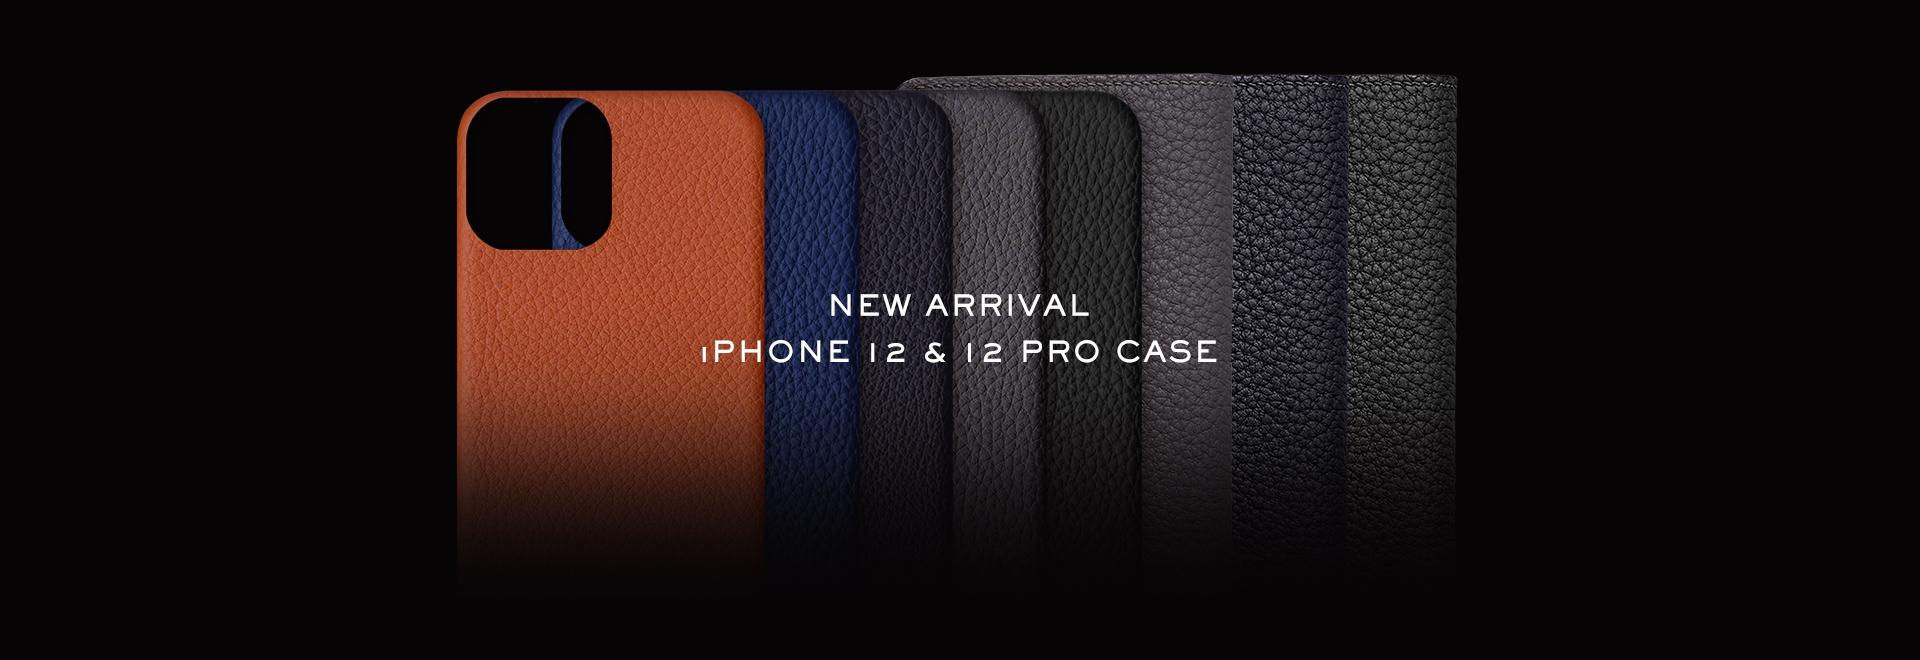 iPhone12 Series Case